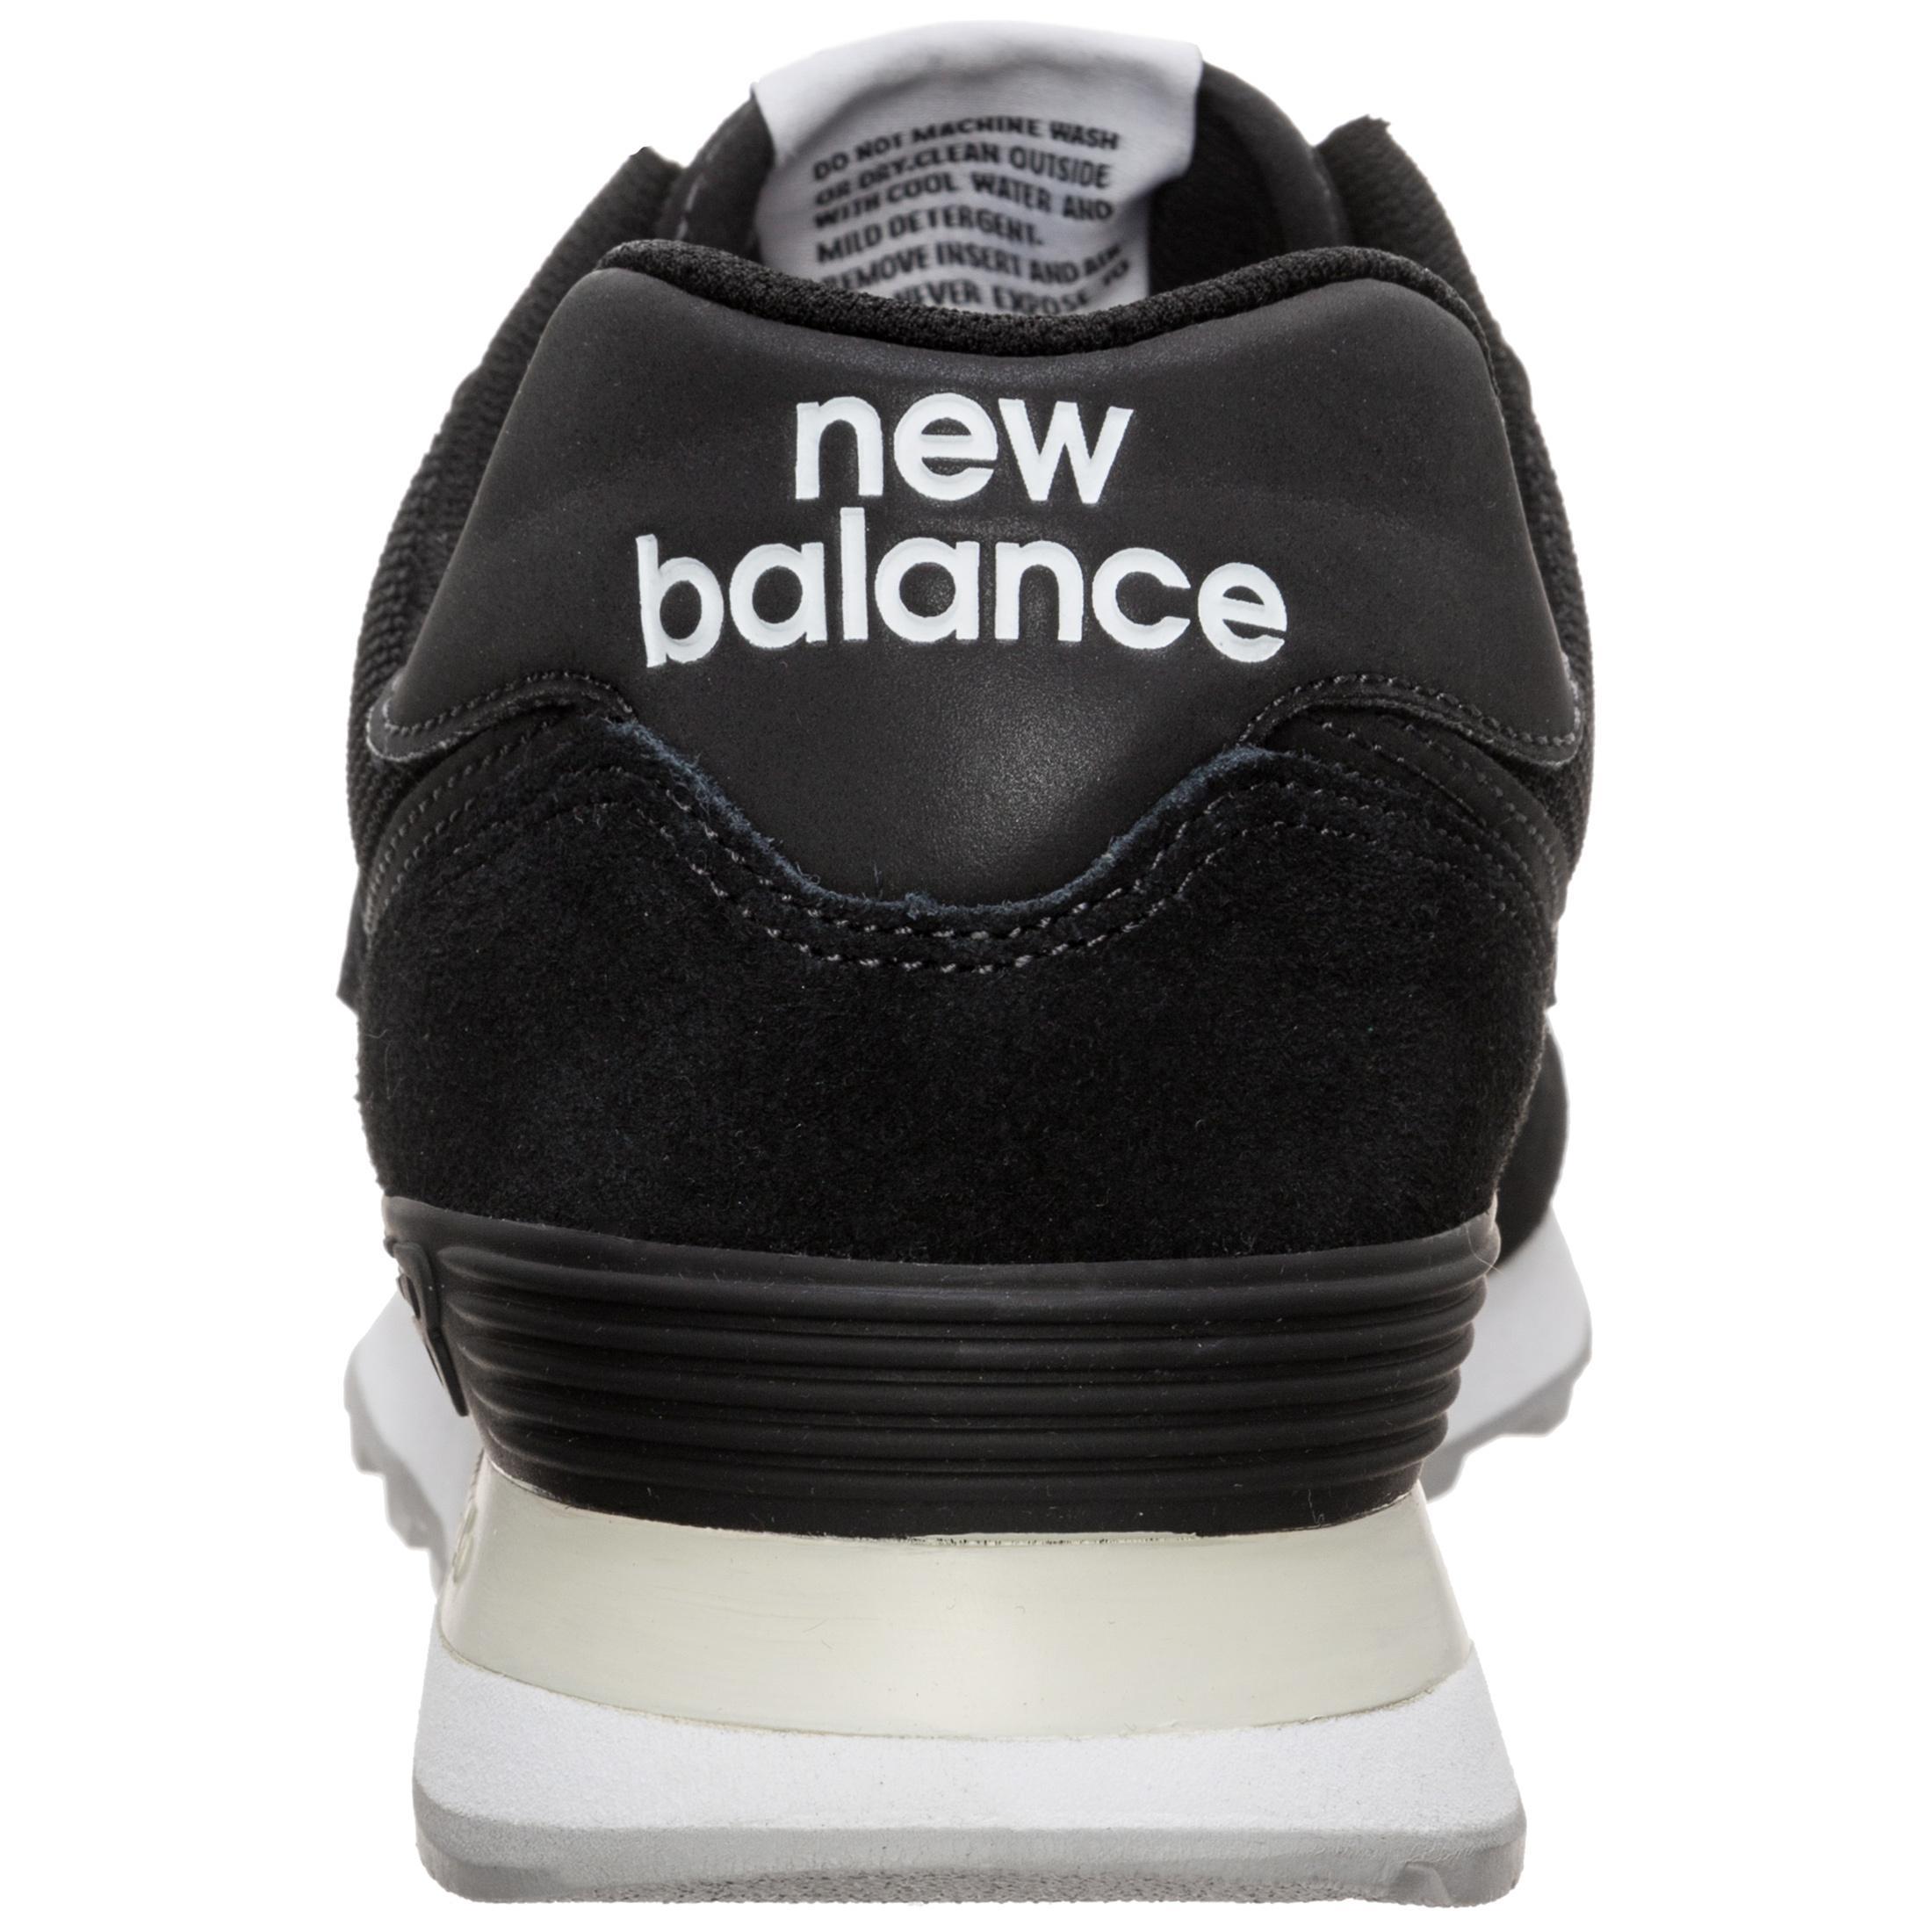 NEW BALANCE ML574-ETA-D Turnschuhe schwarz / weiß im kaufen Online Shop von SportScheck kaufen im Gute Qualität beliebte Schuhe c9e0a7